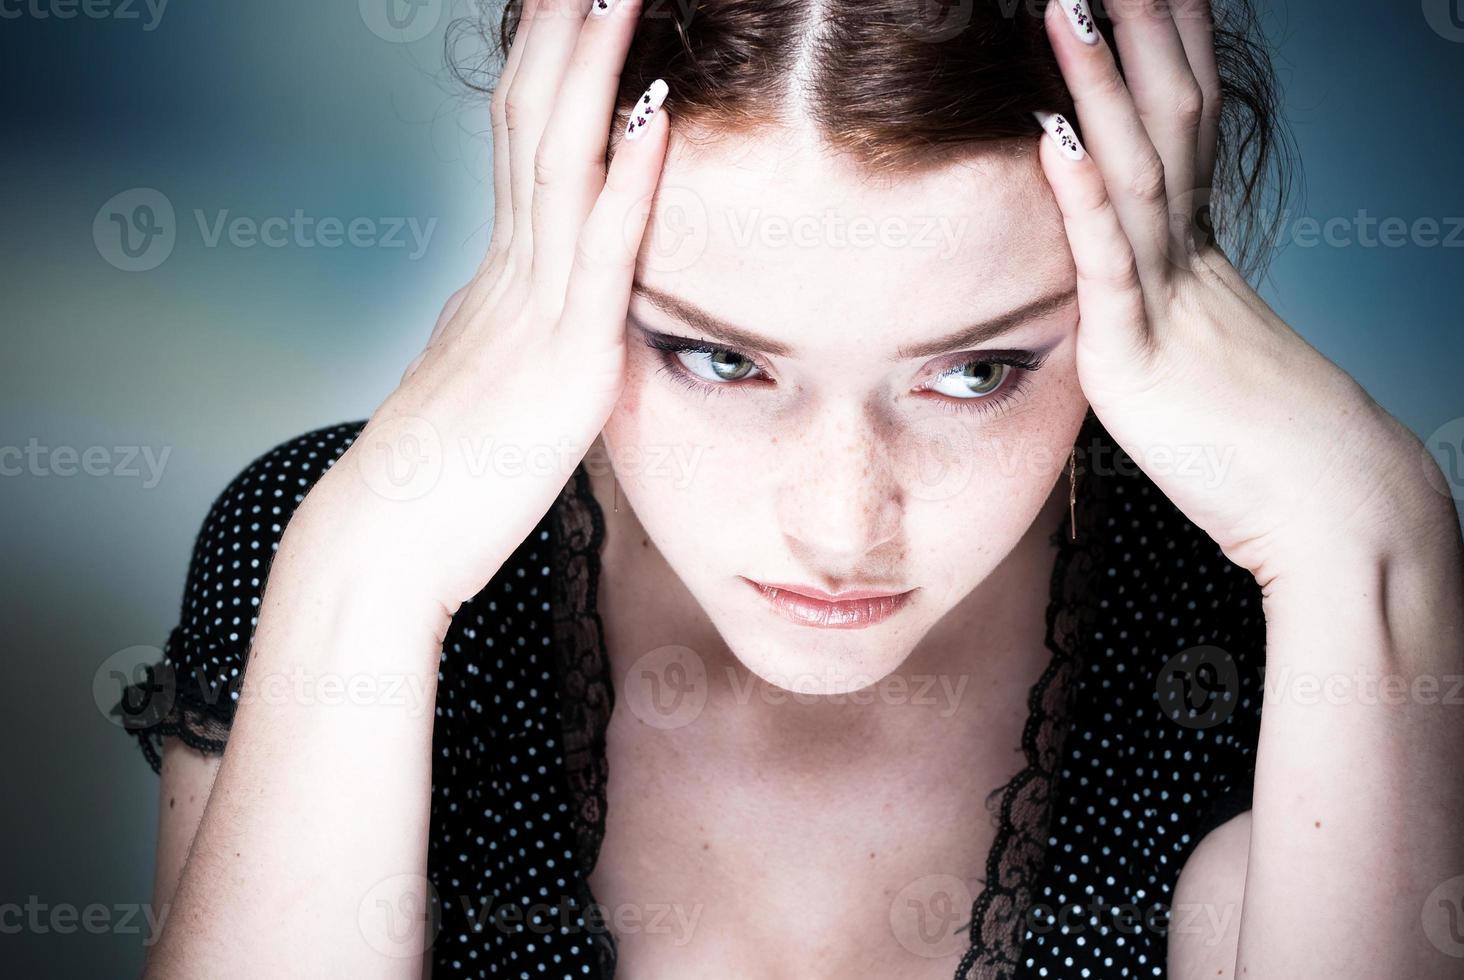 jovem, concentrando-se com a cabeça nas mãos foto